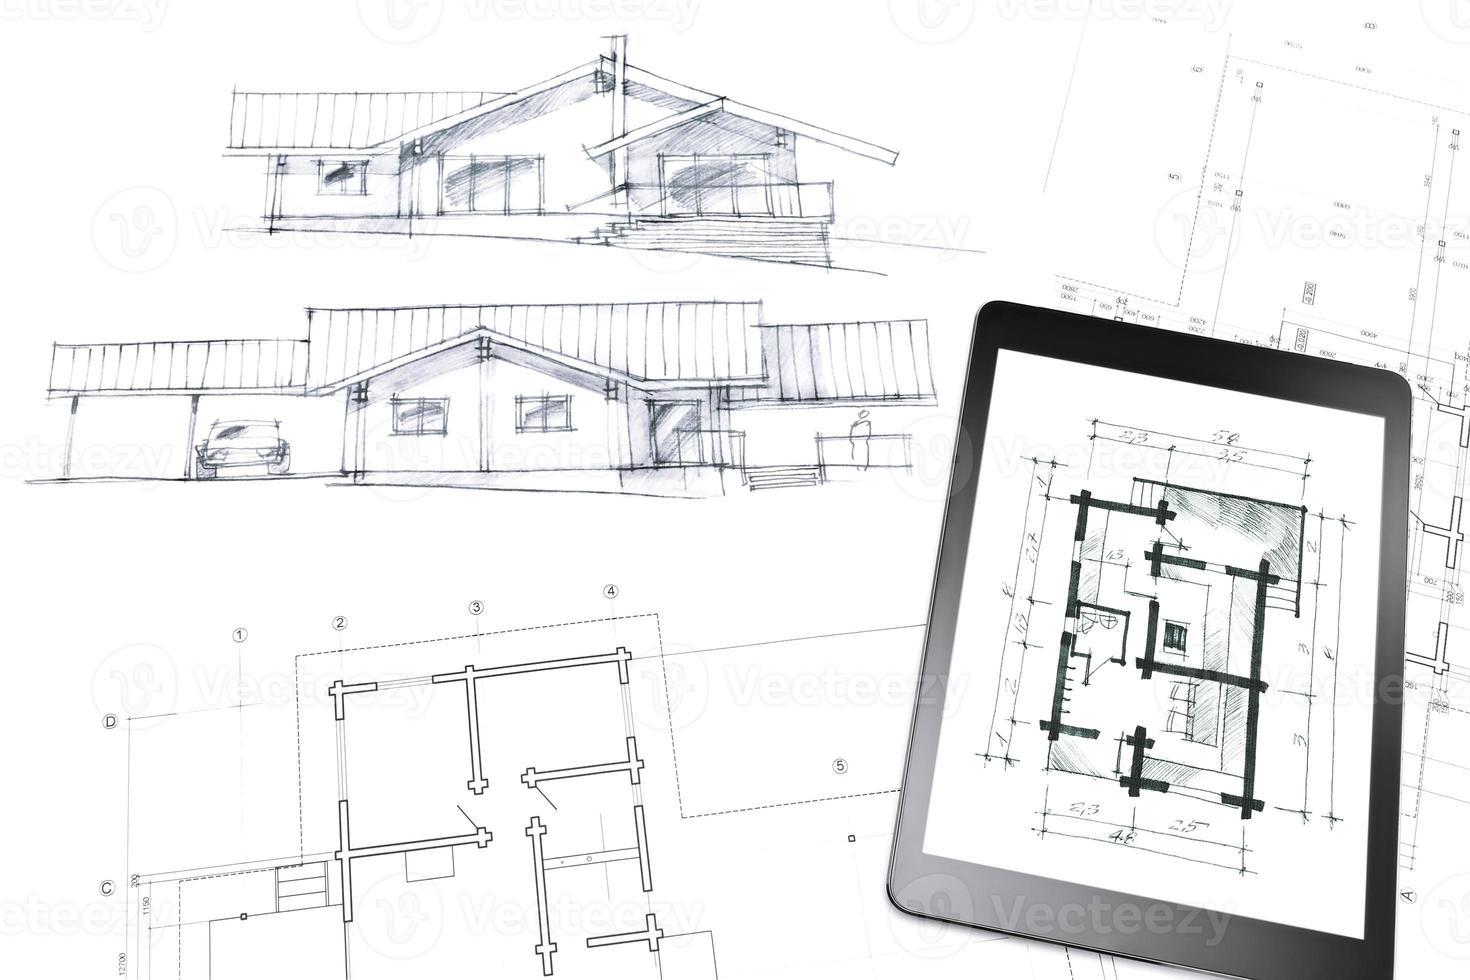 tableta digital en boceto y plano foto